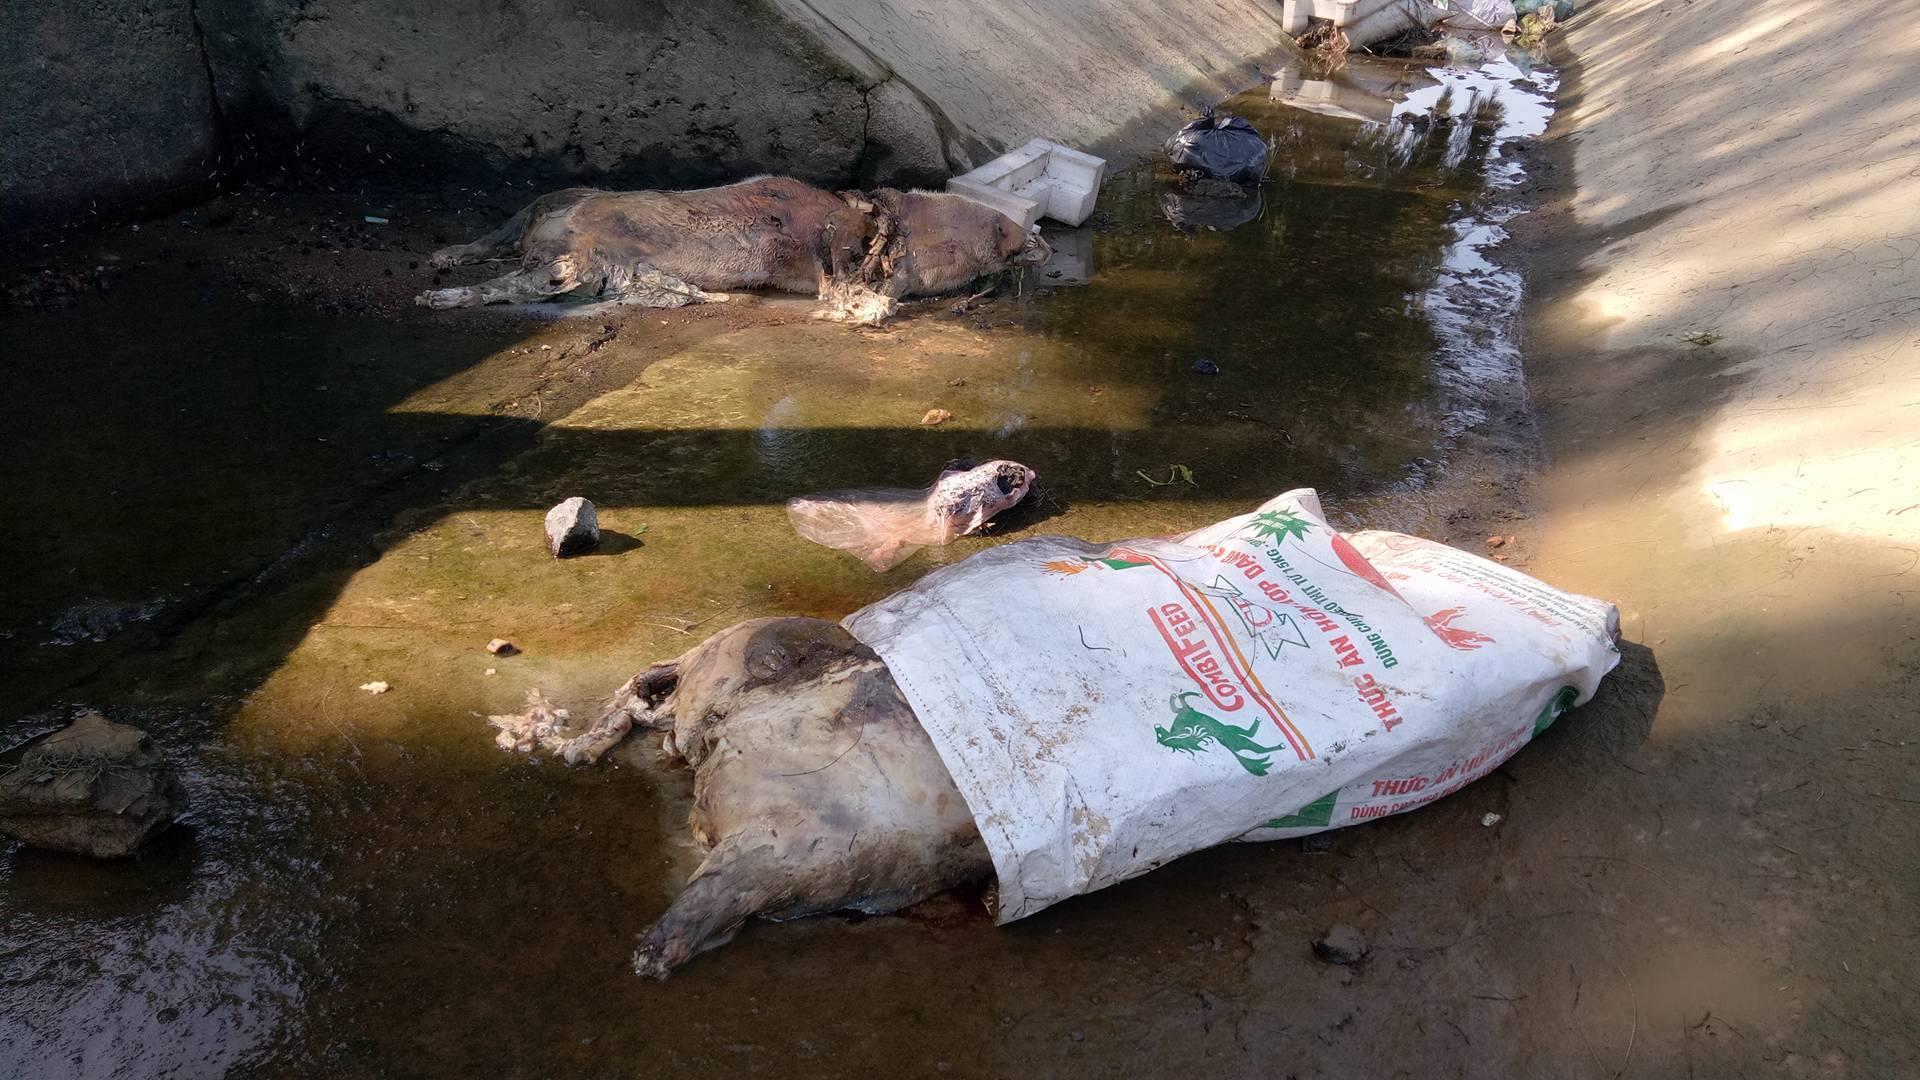 Lợn chết được vứt vào bao thả trên kênh bốc mùi hôi thối.